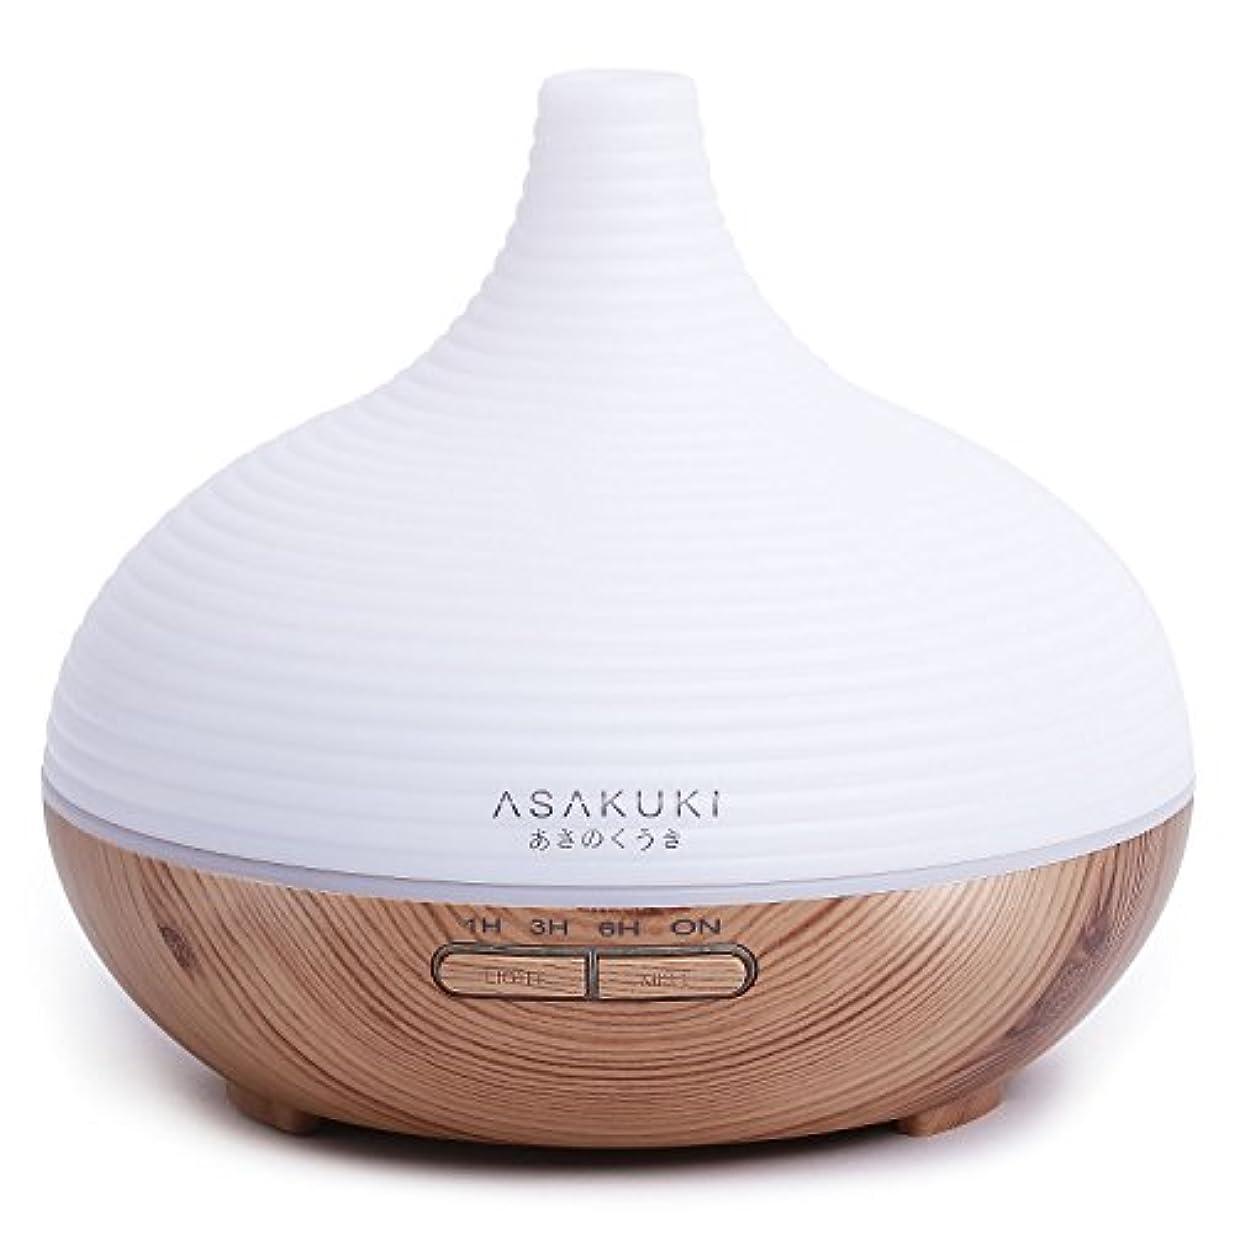 仕方絡まる対asakuki 300 mlプレミアム、Essential Oil Diffuser、静かな5 - in - 1加湿器、自然Home Fragrance Diffuser with 7 LEDの色変更ライトと簡単にクリーン...